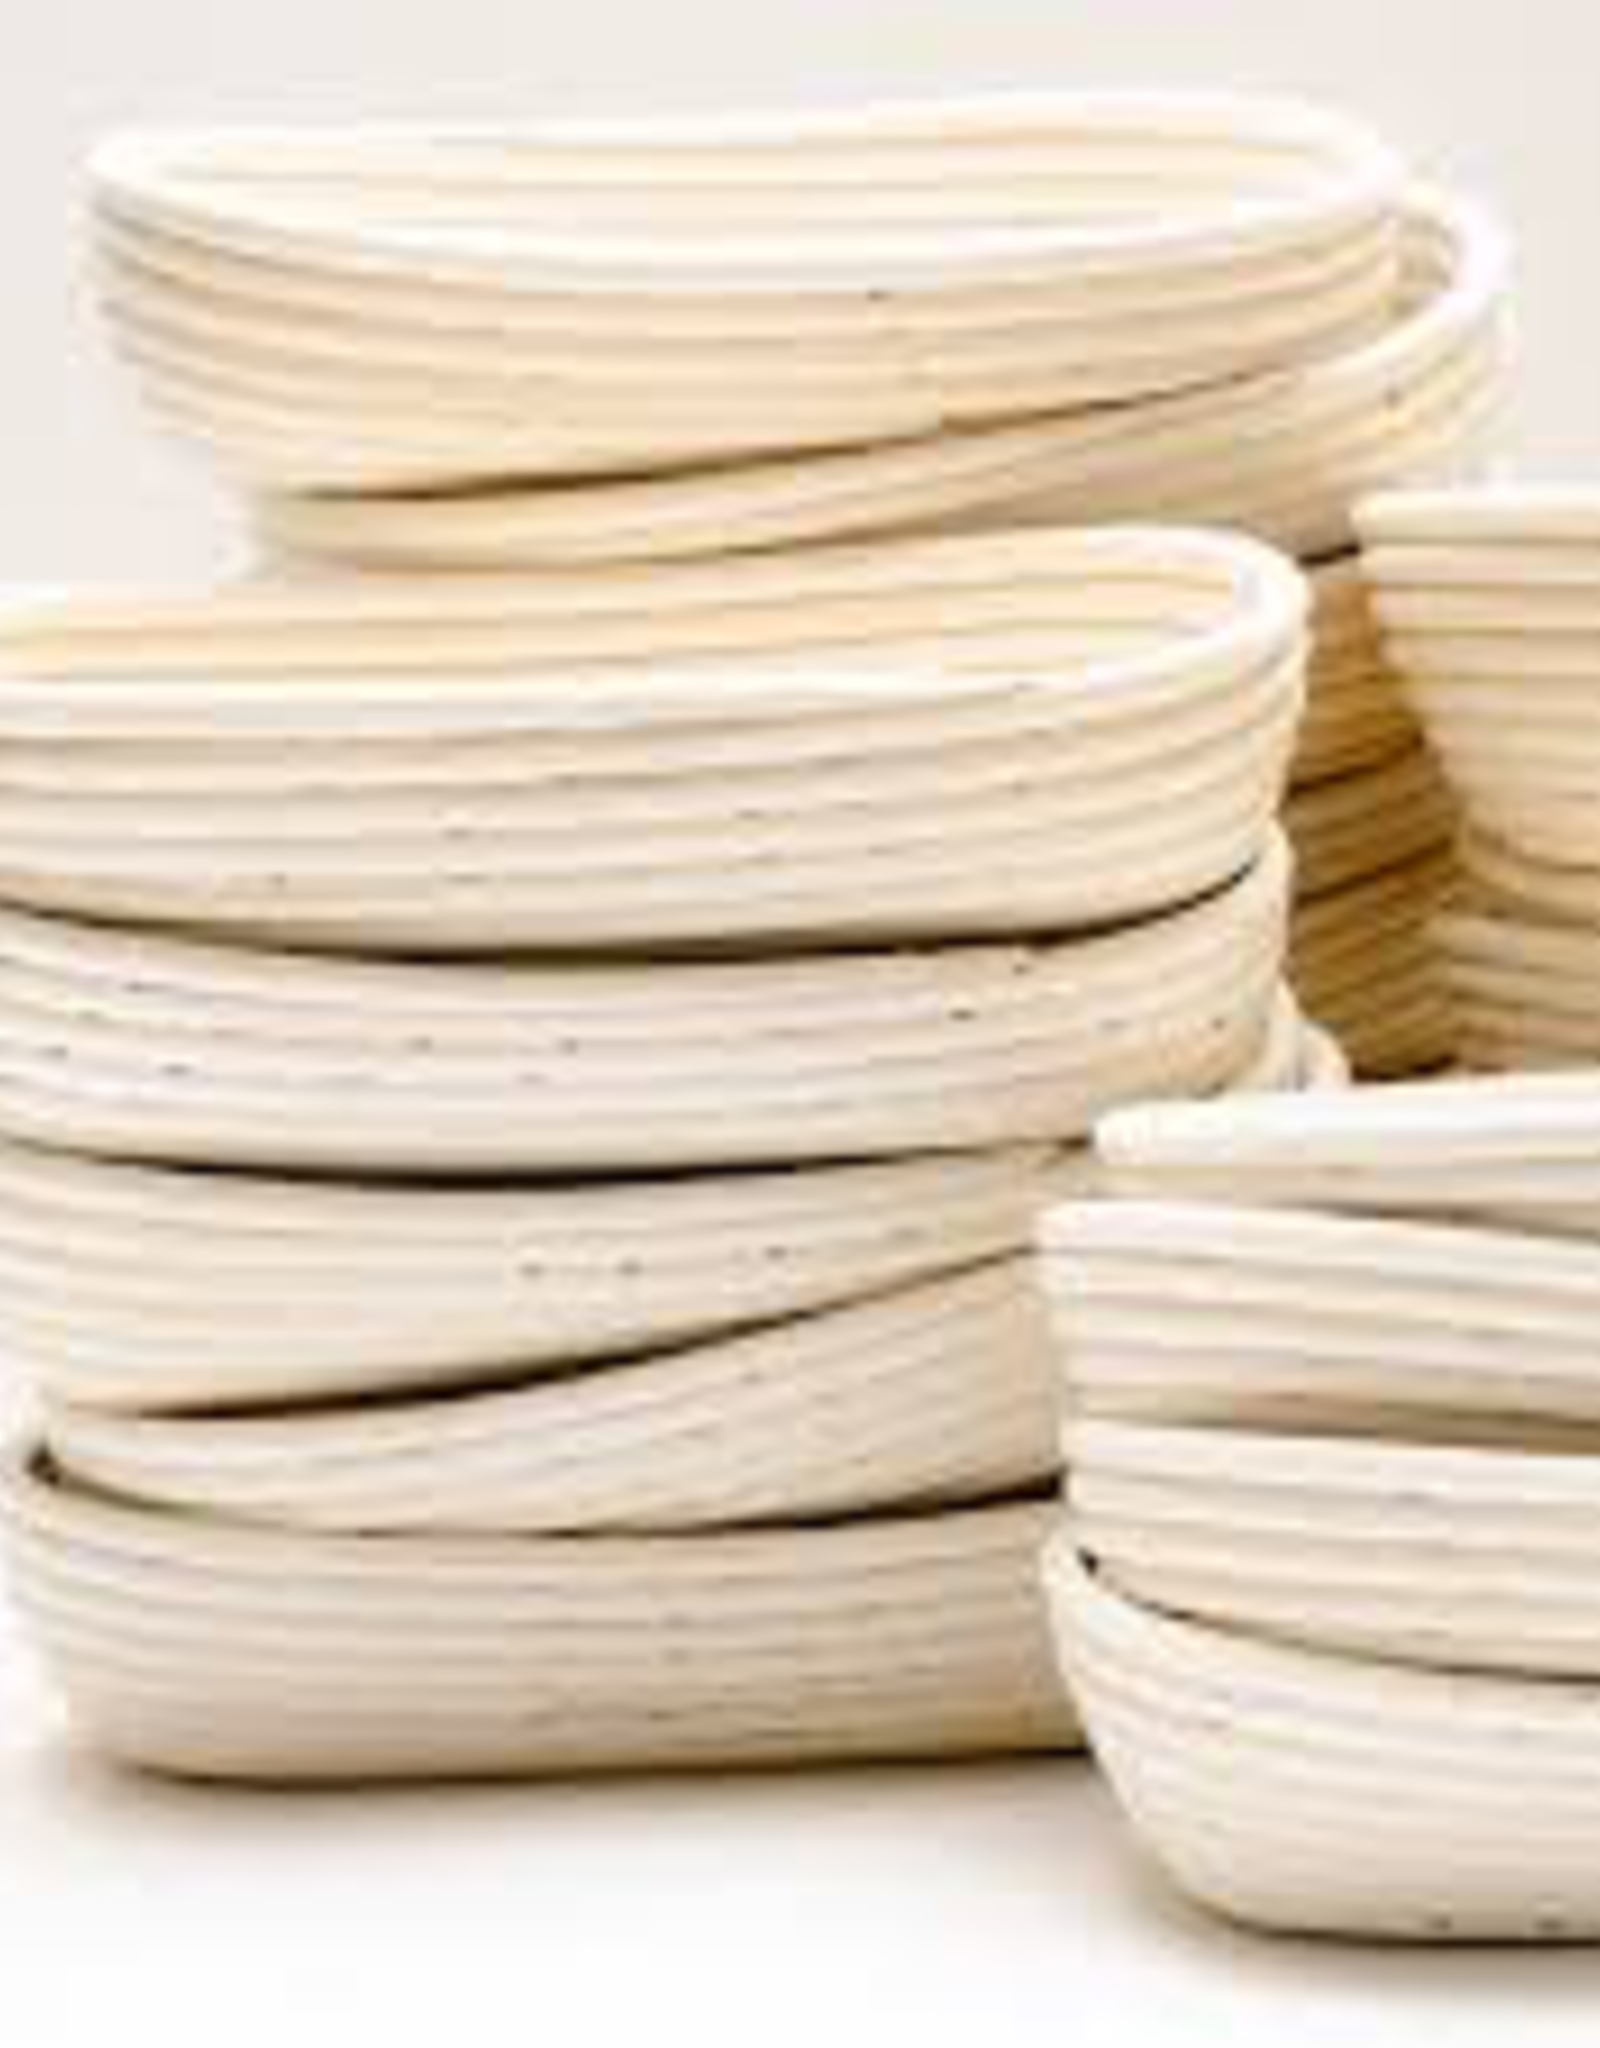 Redecker Redecker Fermenting Basket-Oval